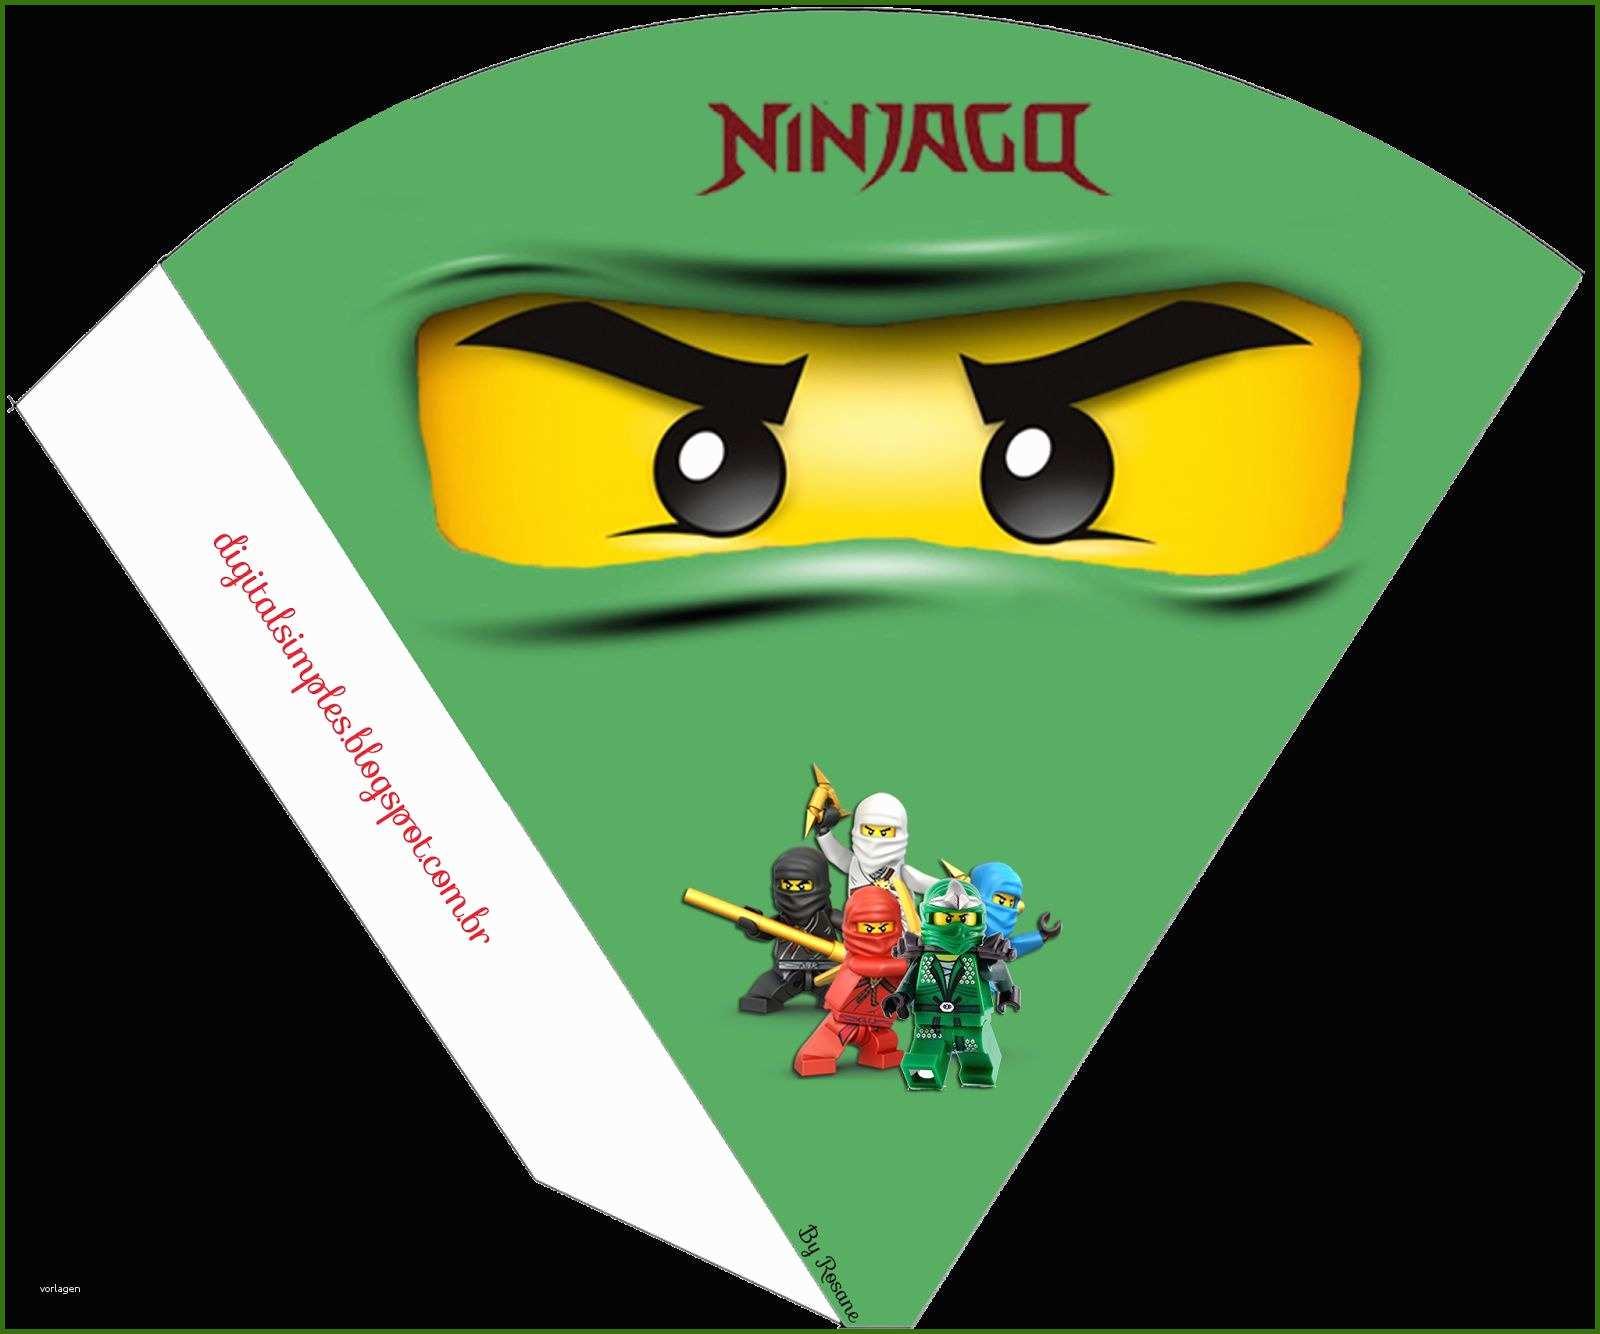 fantastisch 70 lego ninjago einladungskarten zum